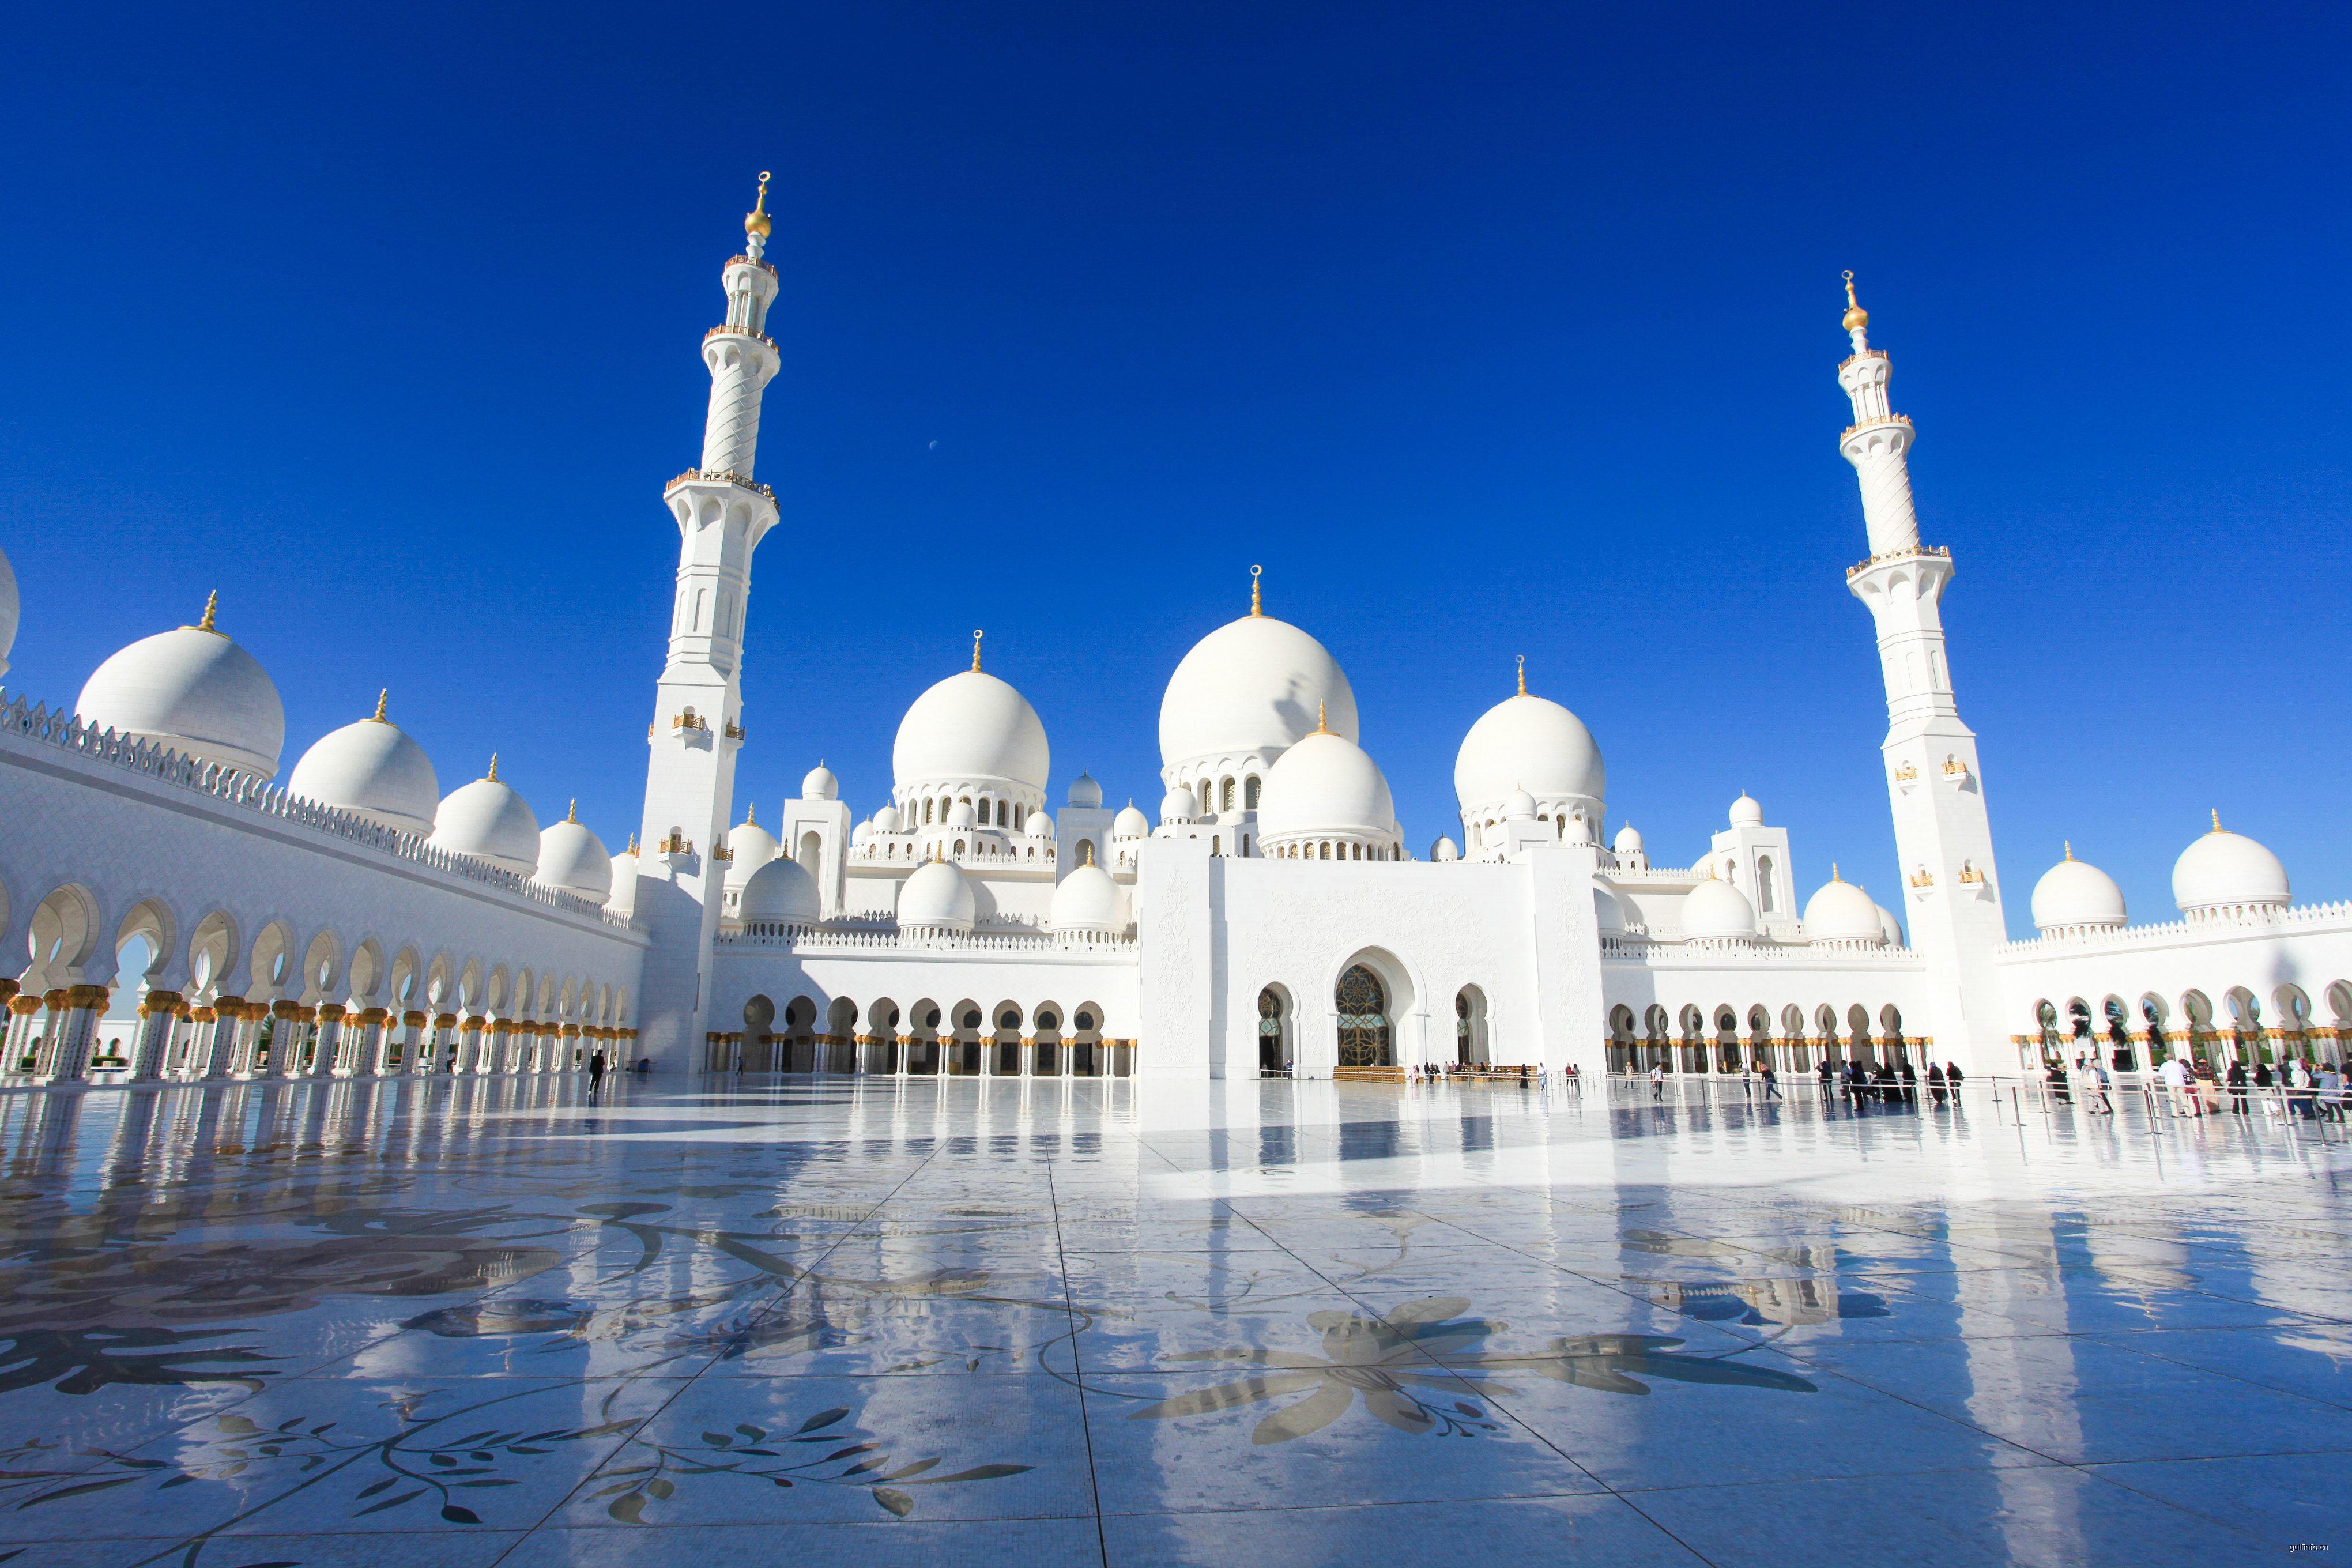 阿联酋排名2019年全球竞争力报告第25位